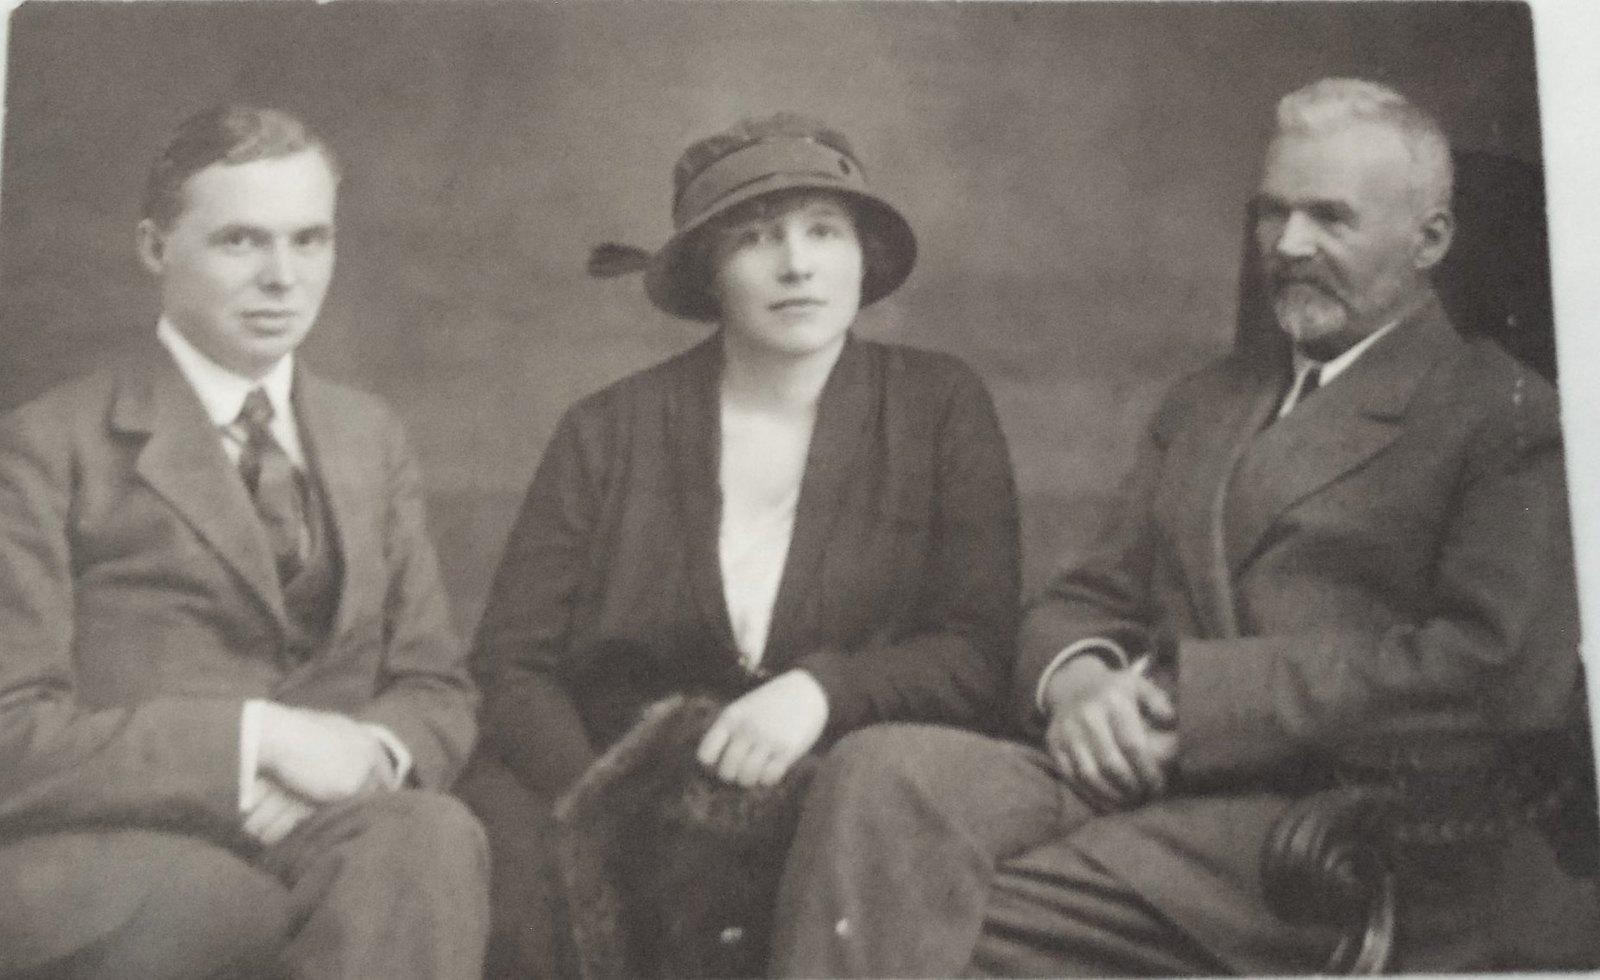 36. 1921. Сытин П.И., Сытина Е.И. (дочь), Сытин И.Д. Берлин